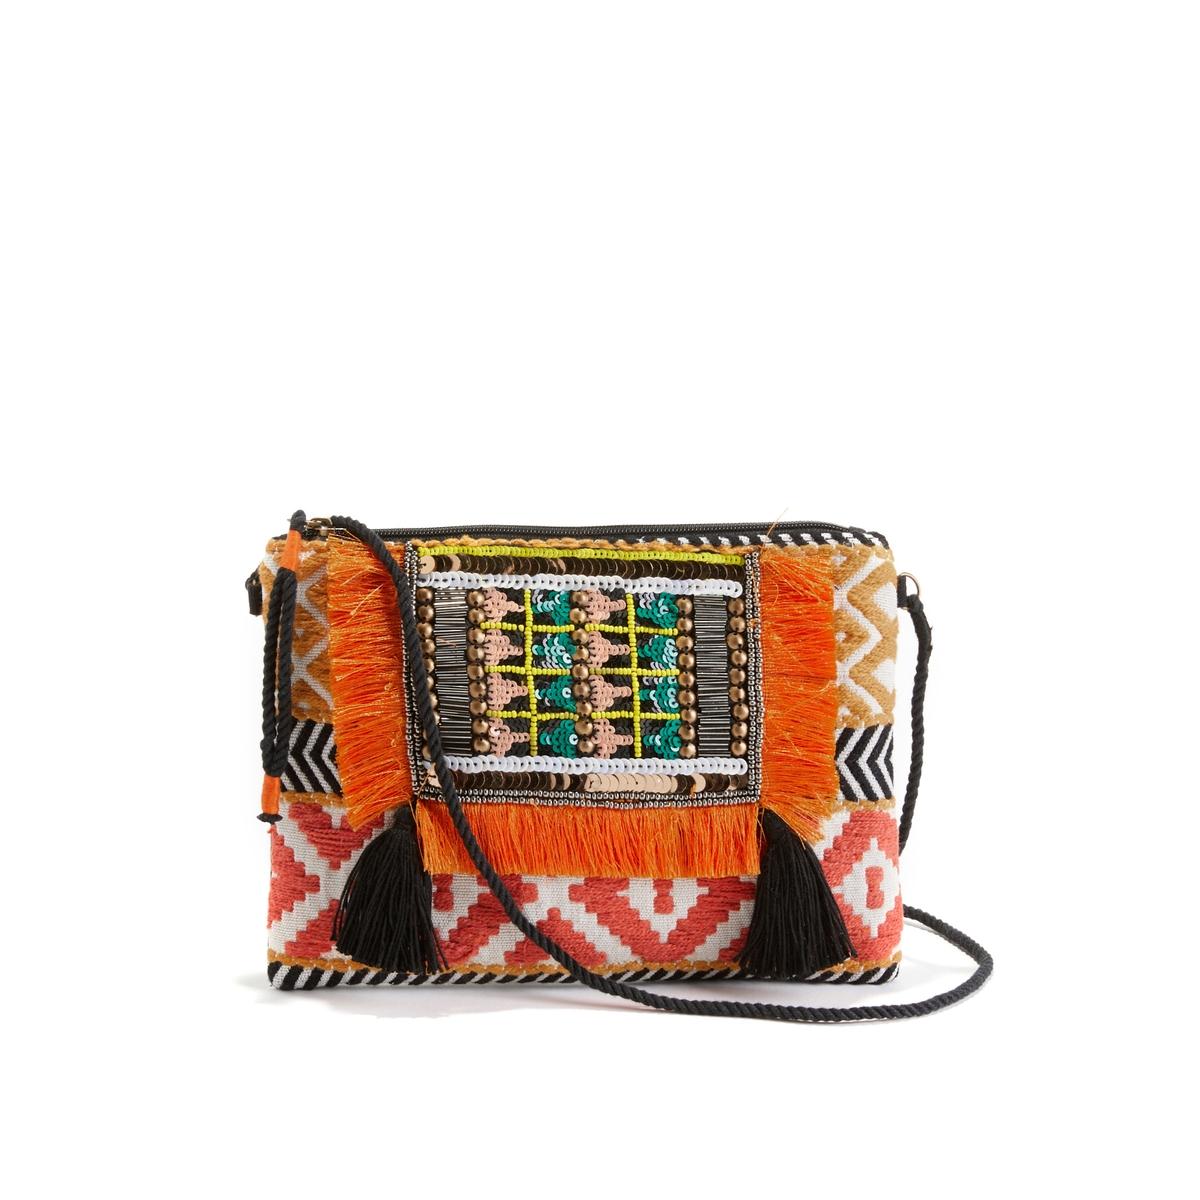 Сумка с ручками в этническом стиле, форма клатчаОписание:Замечательная сумка с красивой цветной вышивкой : можно сочетать с элегантным нарядом или обычными джинсами.  Состав и описание : •  Внешний материал : 100% полиэстера •  Подкладка : 100% полиэстера •  Размер  : Д26 x В19 см •  Застежка : молния •  Внутренние карманы : 1 карман для мобильного телефона •  Несъемный и нерегулируемый наплечный ремень •  Носить : на плече или в руке<br><br>Цвет: разноцветный<br>Размер: единый размер